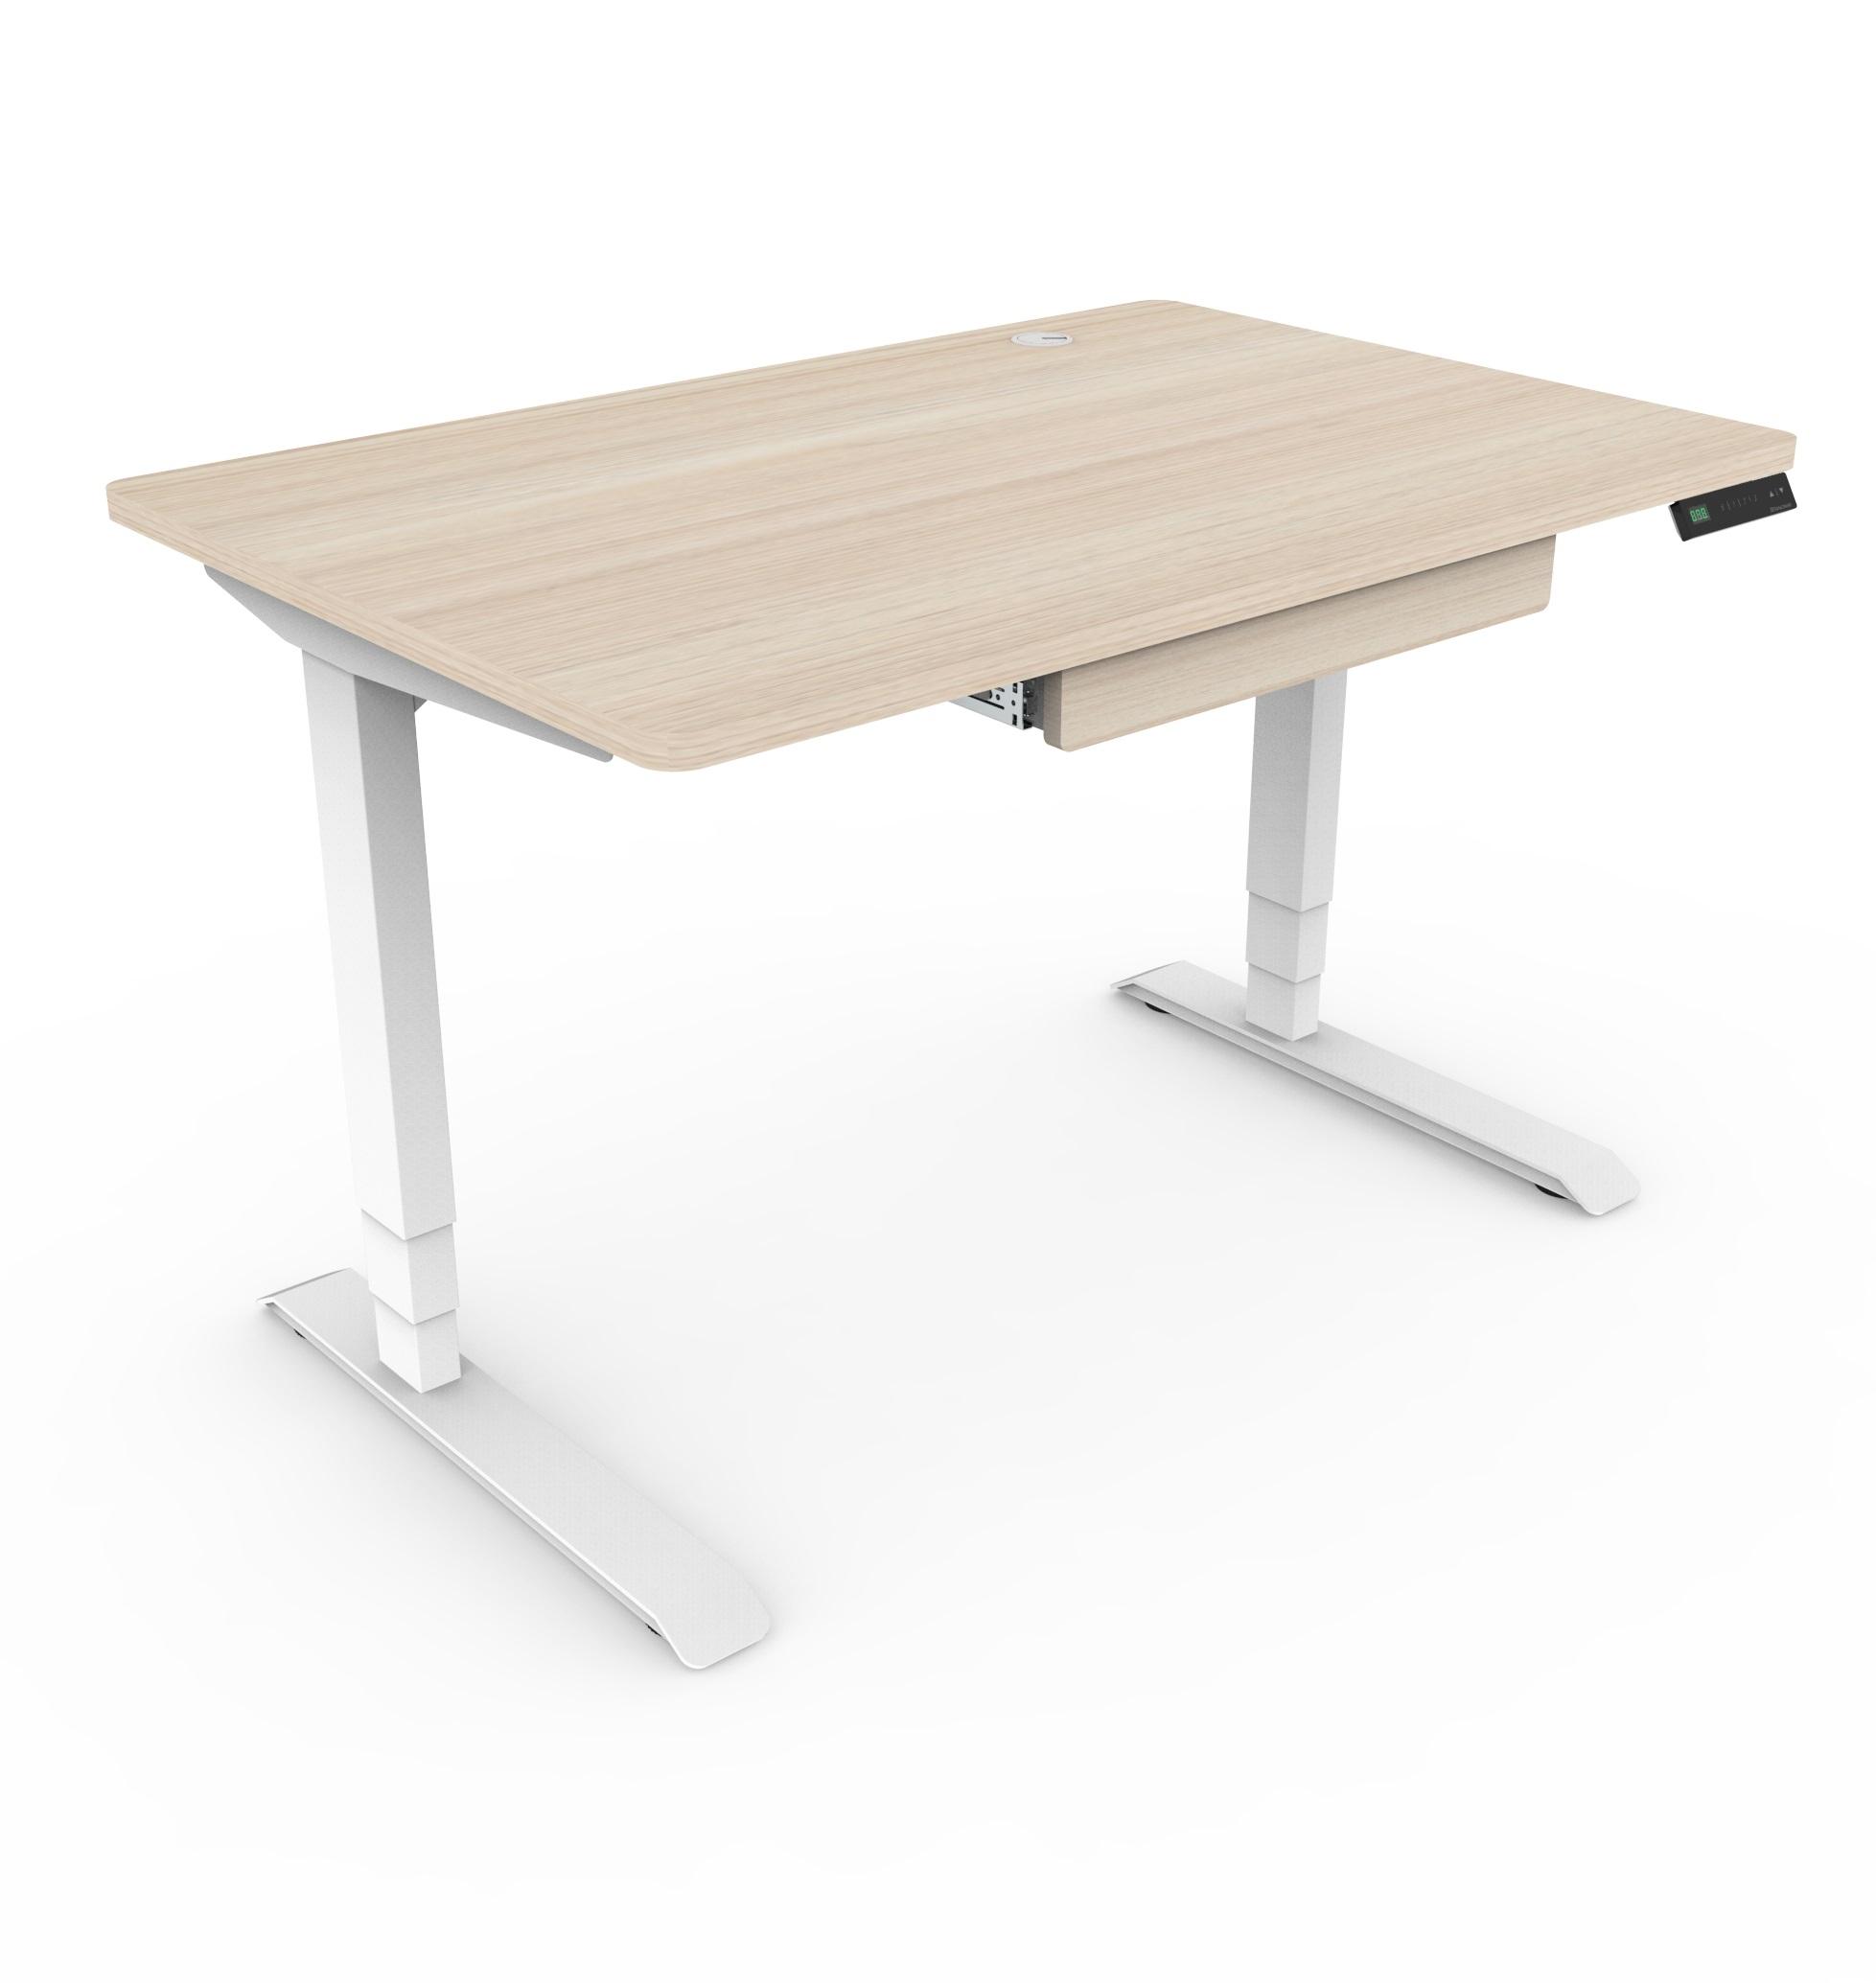 淨儲物抽屜 供電動升降桌使用